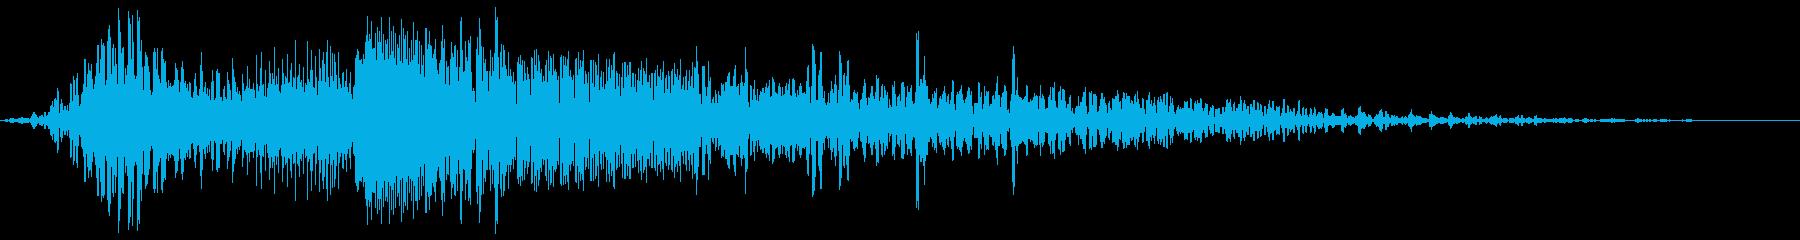 エンジンをふかす音の再生済みの波形